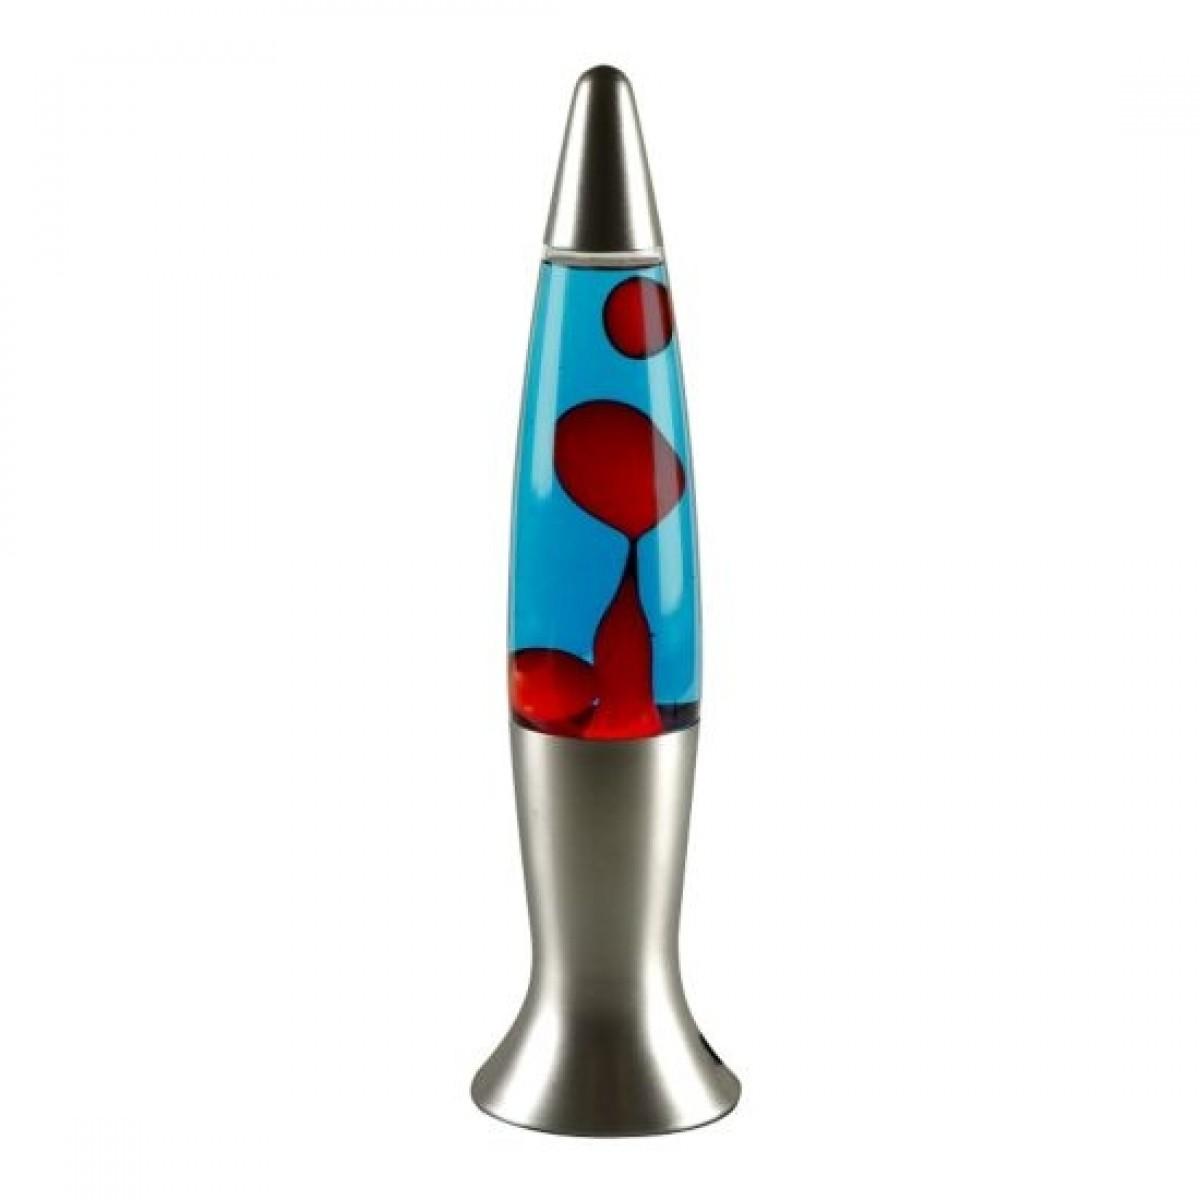 VELILINE Lavalampe steel line rød/blå 40 cm